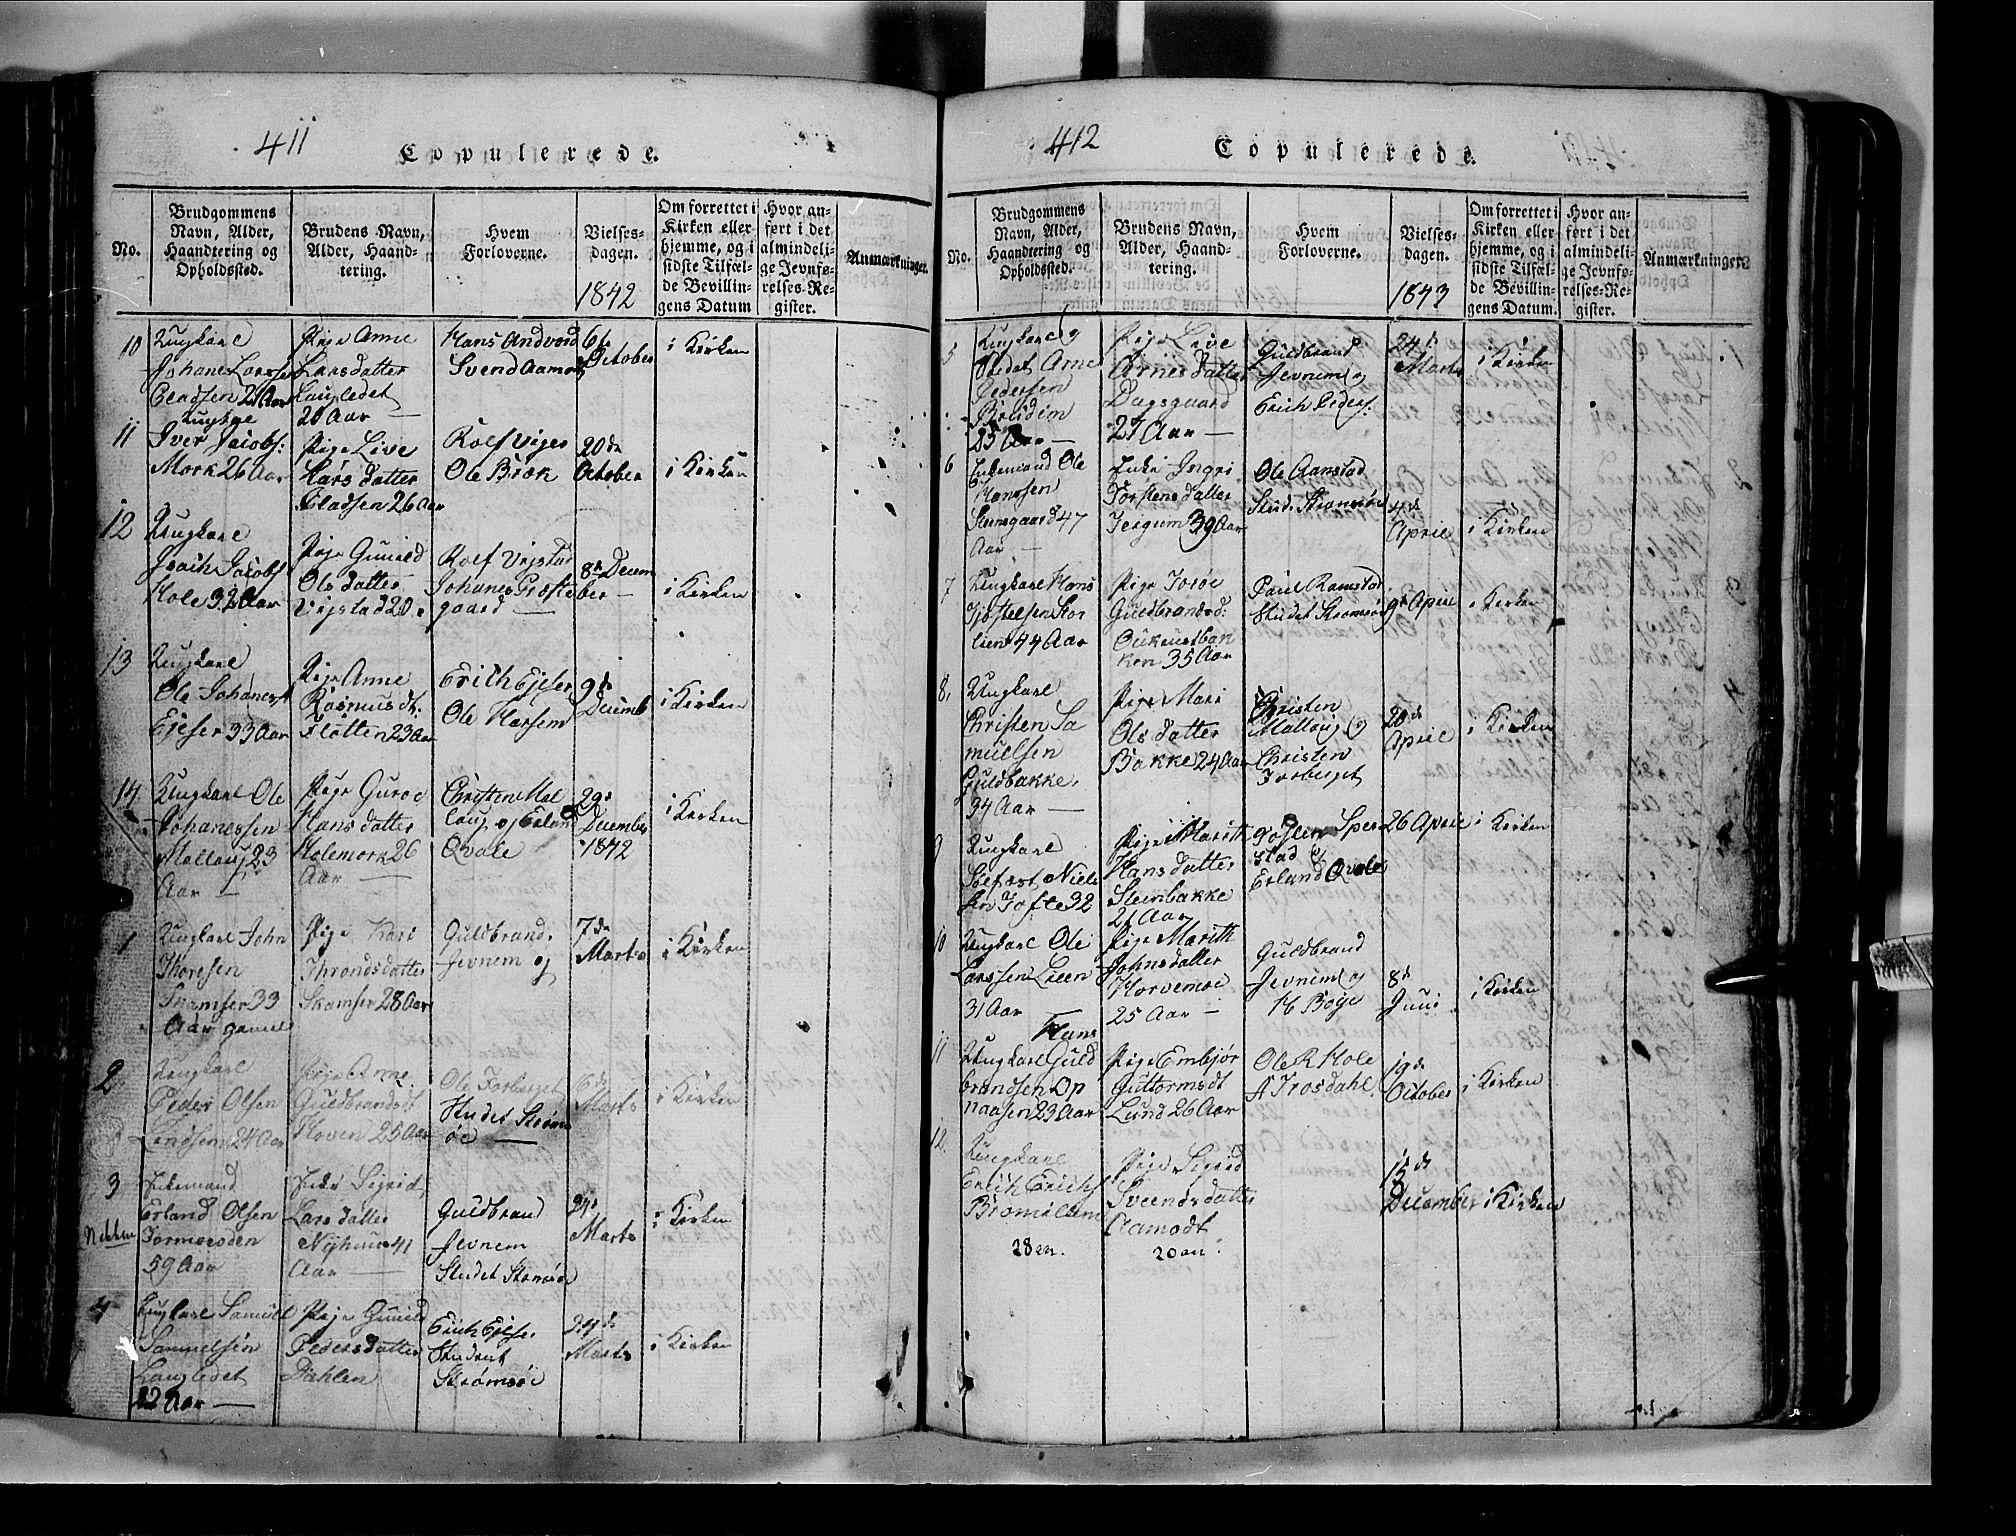 SAH, Lom prestekontor, L/L0003: Klokkerbok nr. 3, 1815-1844, s. 411-412